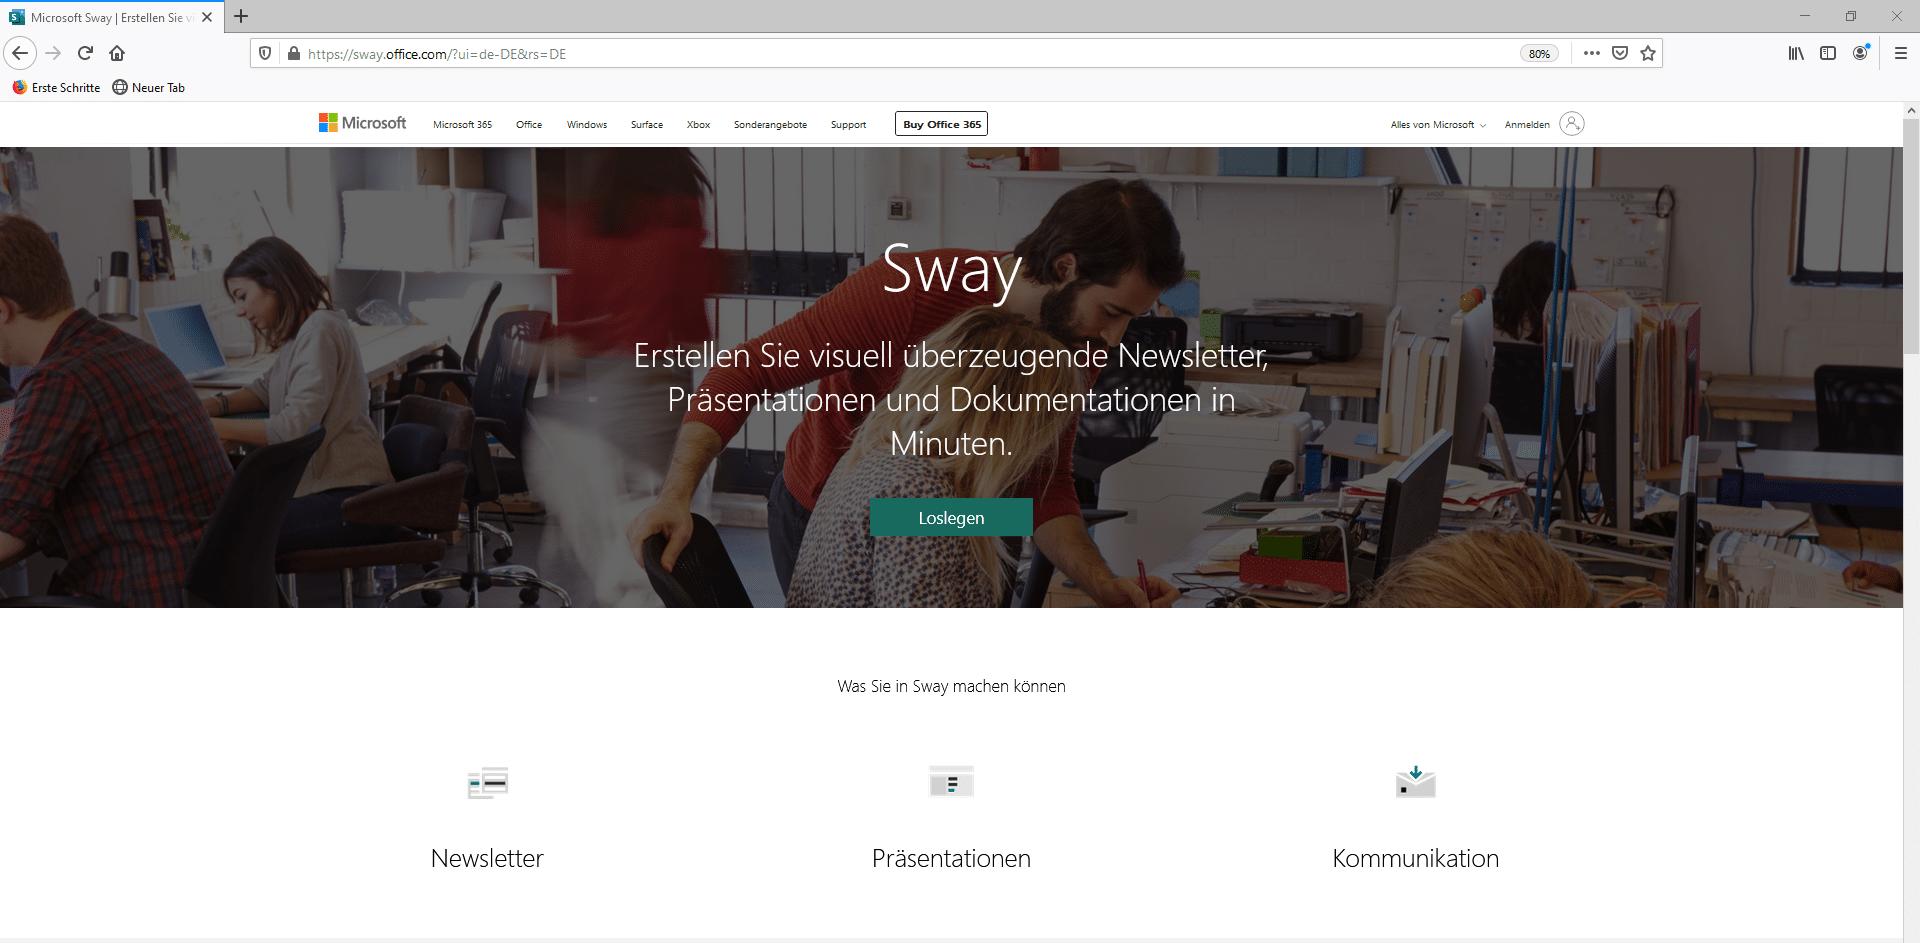 Die Landingpage von Microsoft Sway